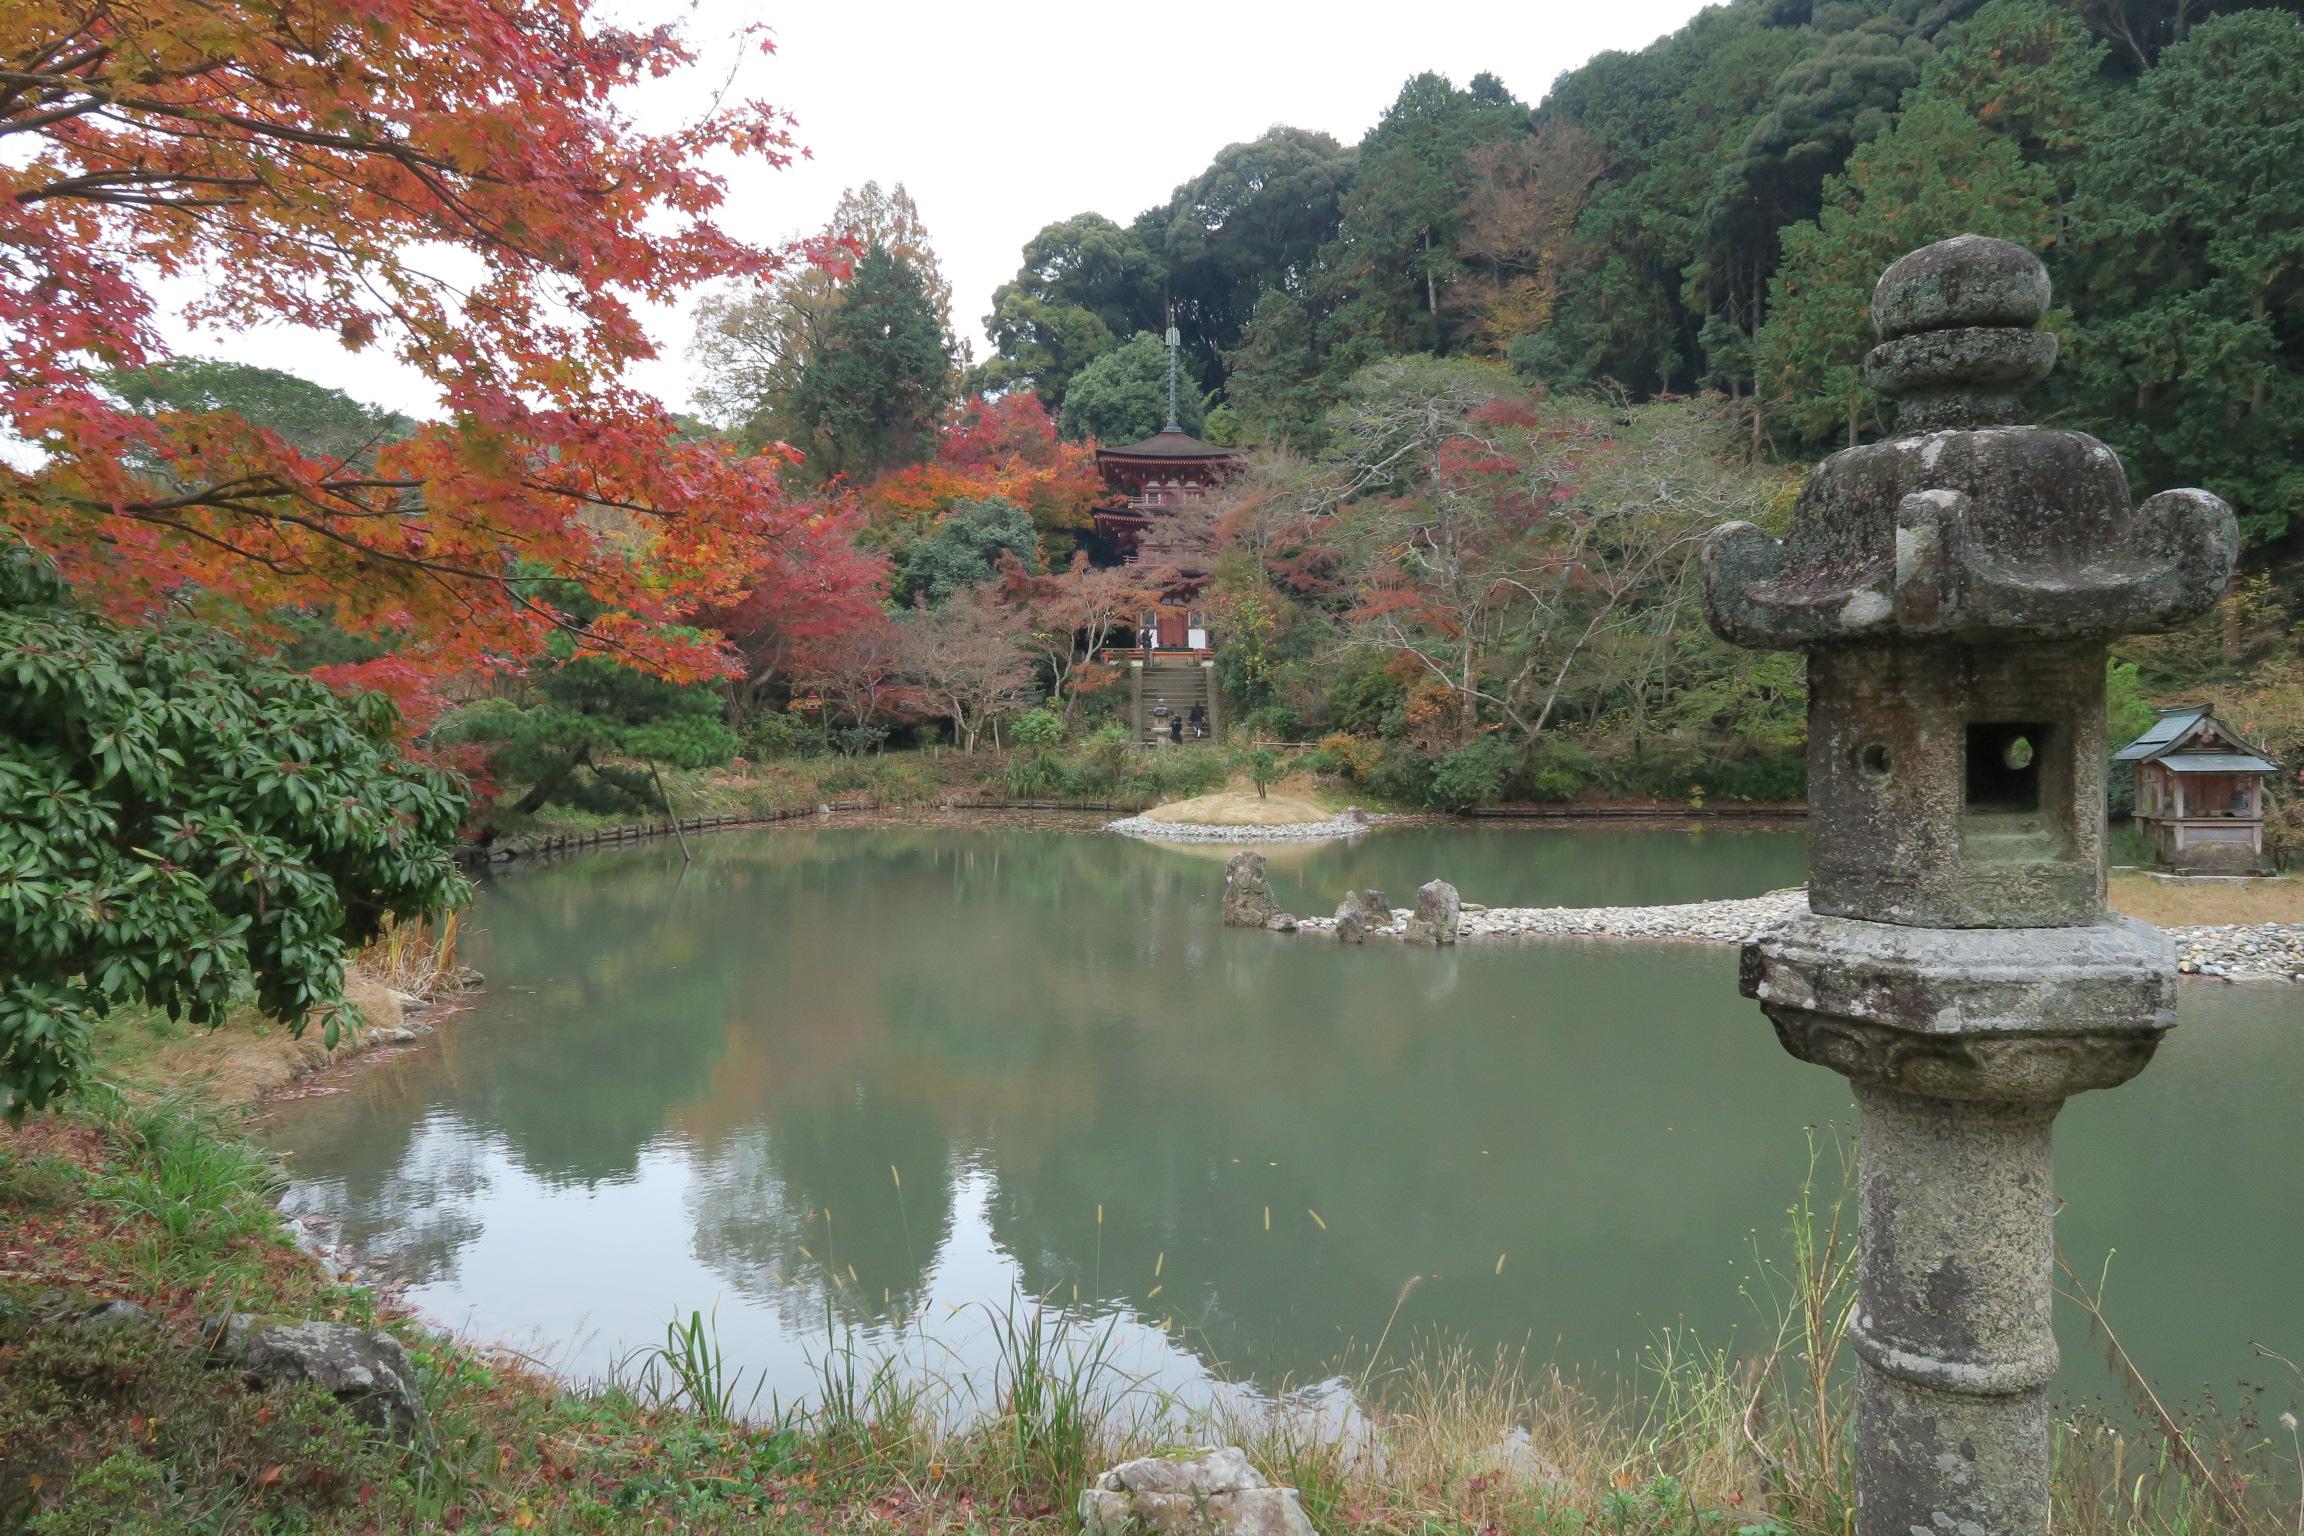 特別名勝でもあり、浄土式庭園のお庭。池は興福寺の僧が掘ったもの。中央には弁財天を祀る祠があります。